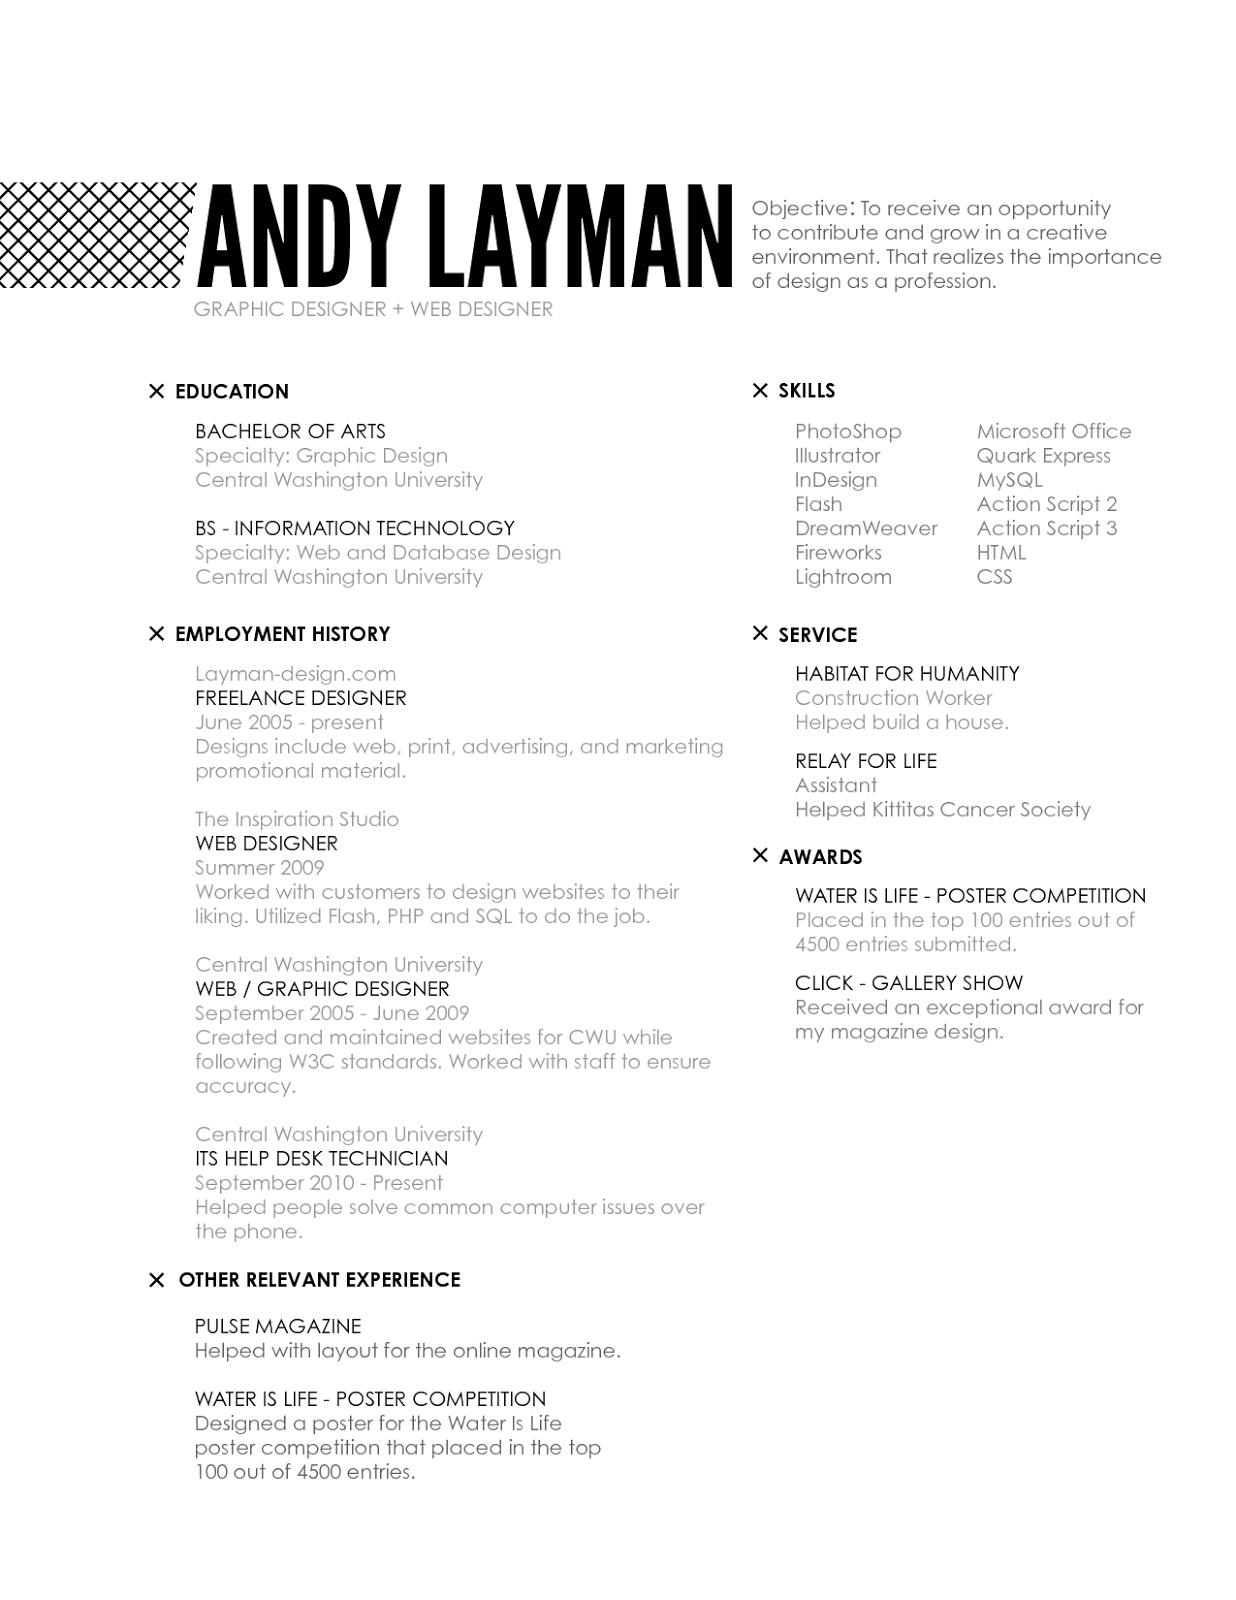 Interior design experience resume